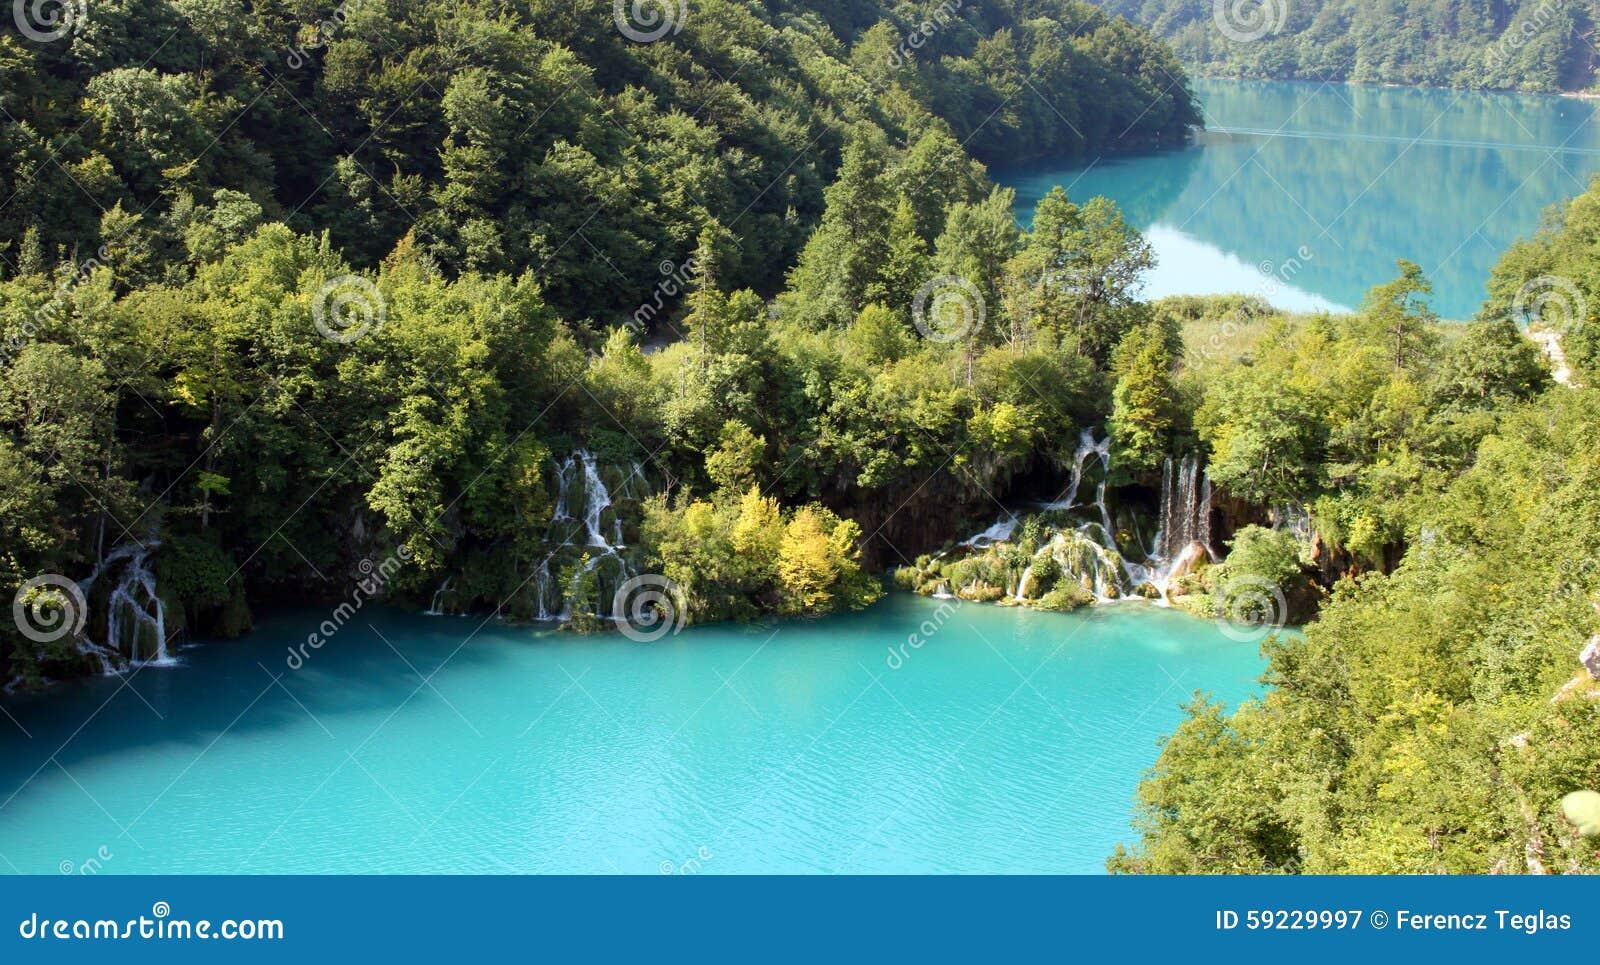 Download Paisaje Espectacular En El Parque Nacional De Plitvice Imagen de archivo - Imagen de verde, d0: 59229997